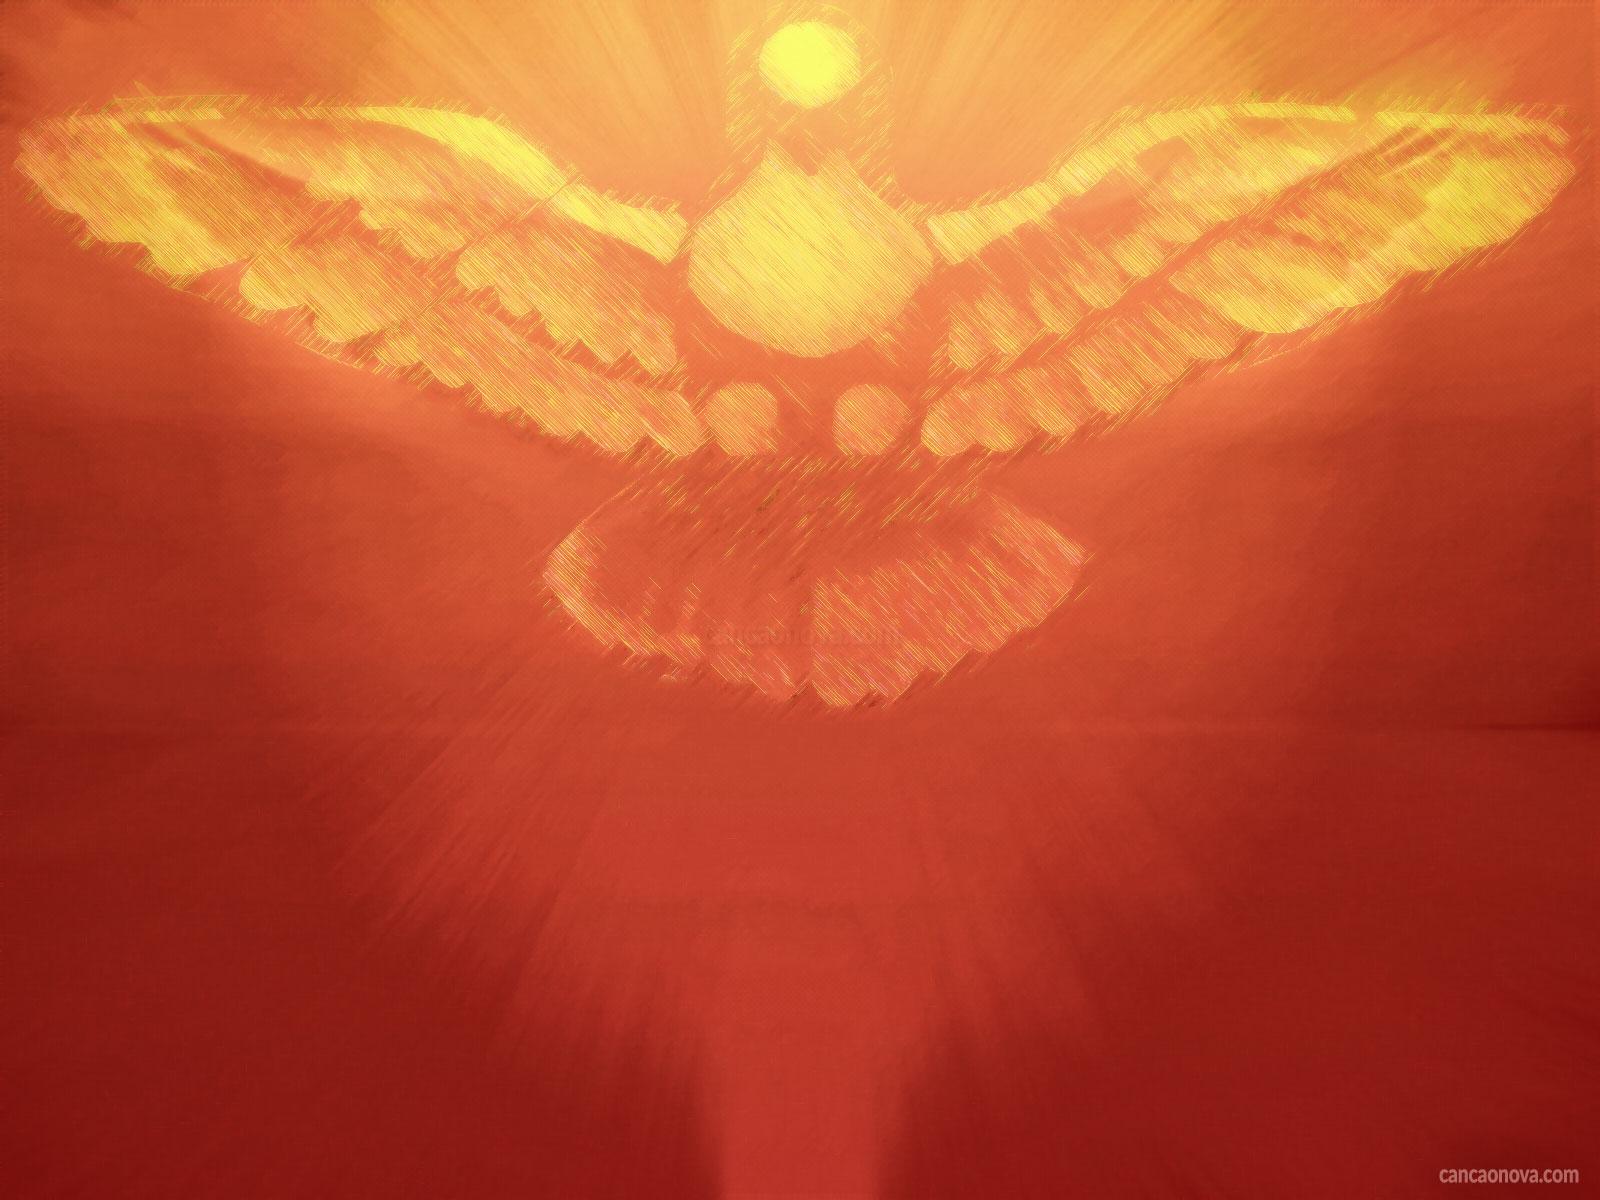 -Nove-dias-de-preparação-para-a-Festa-de-Pentecostes